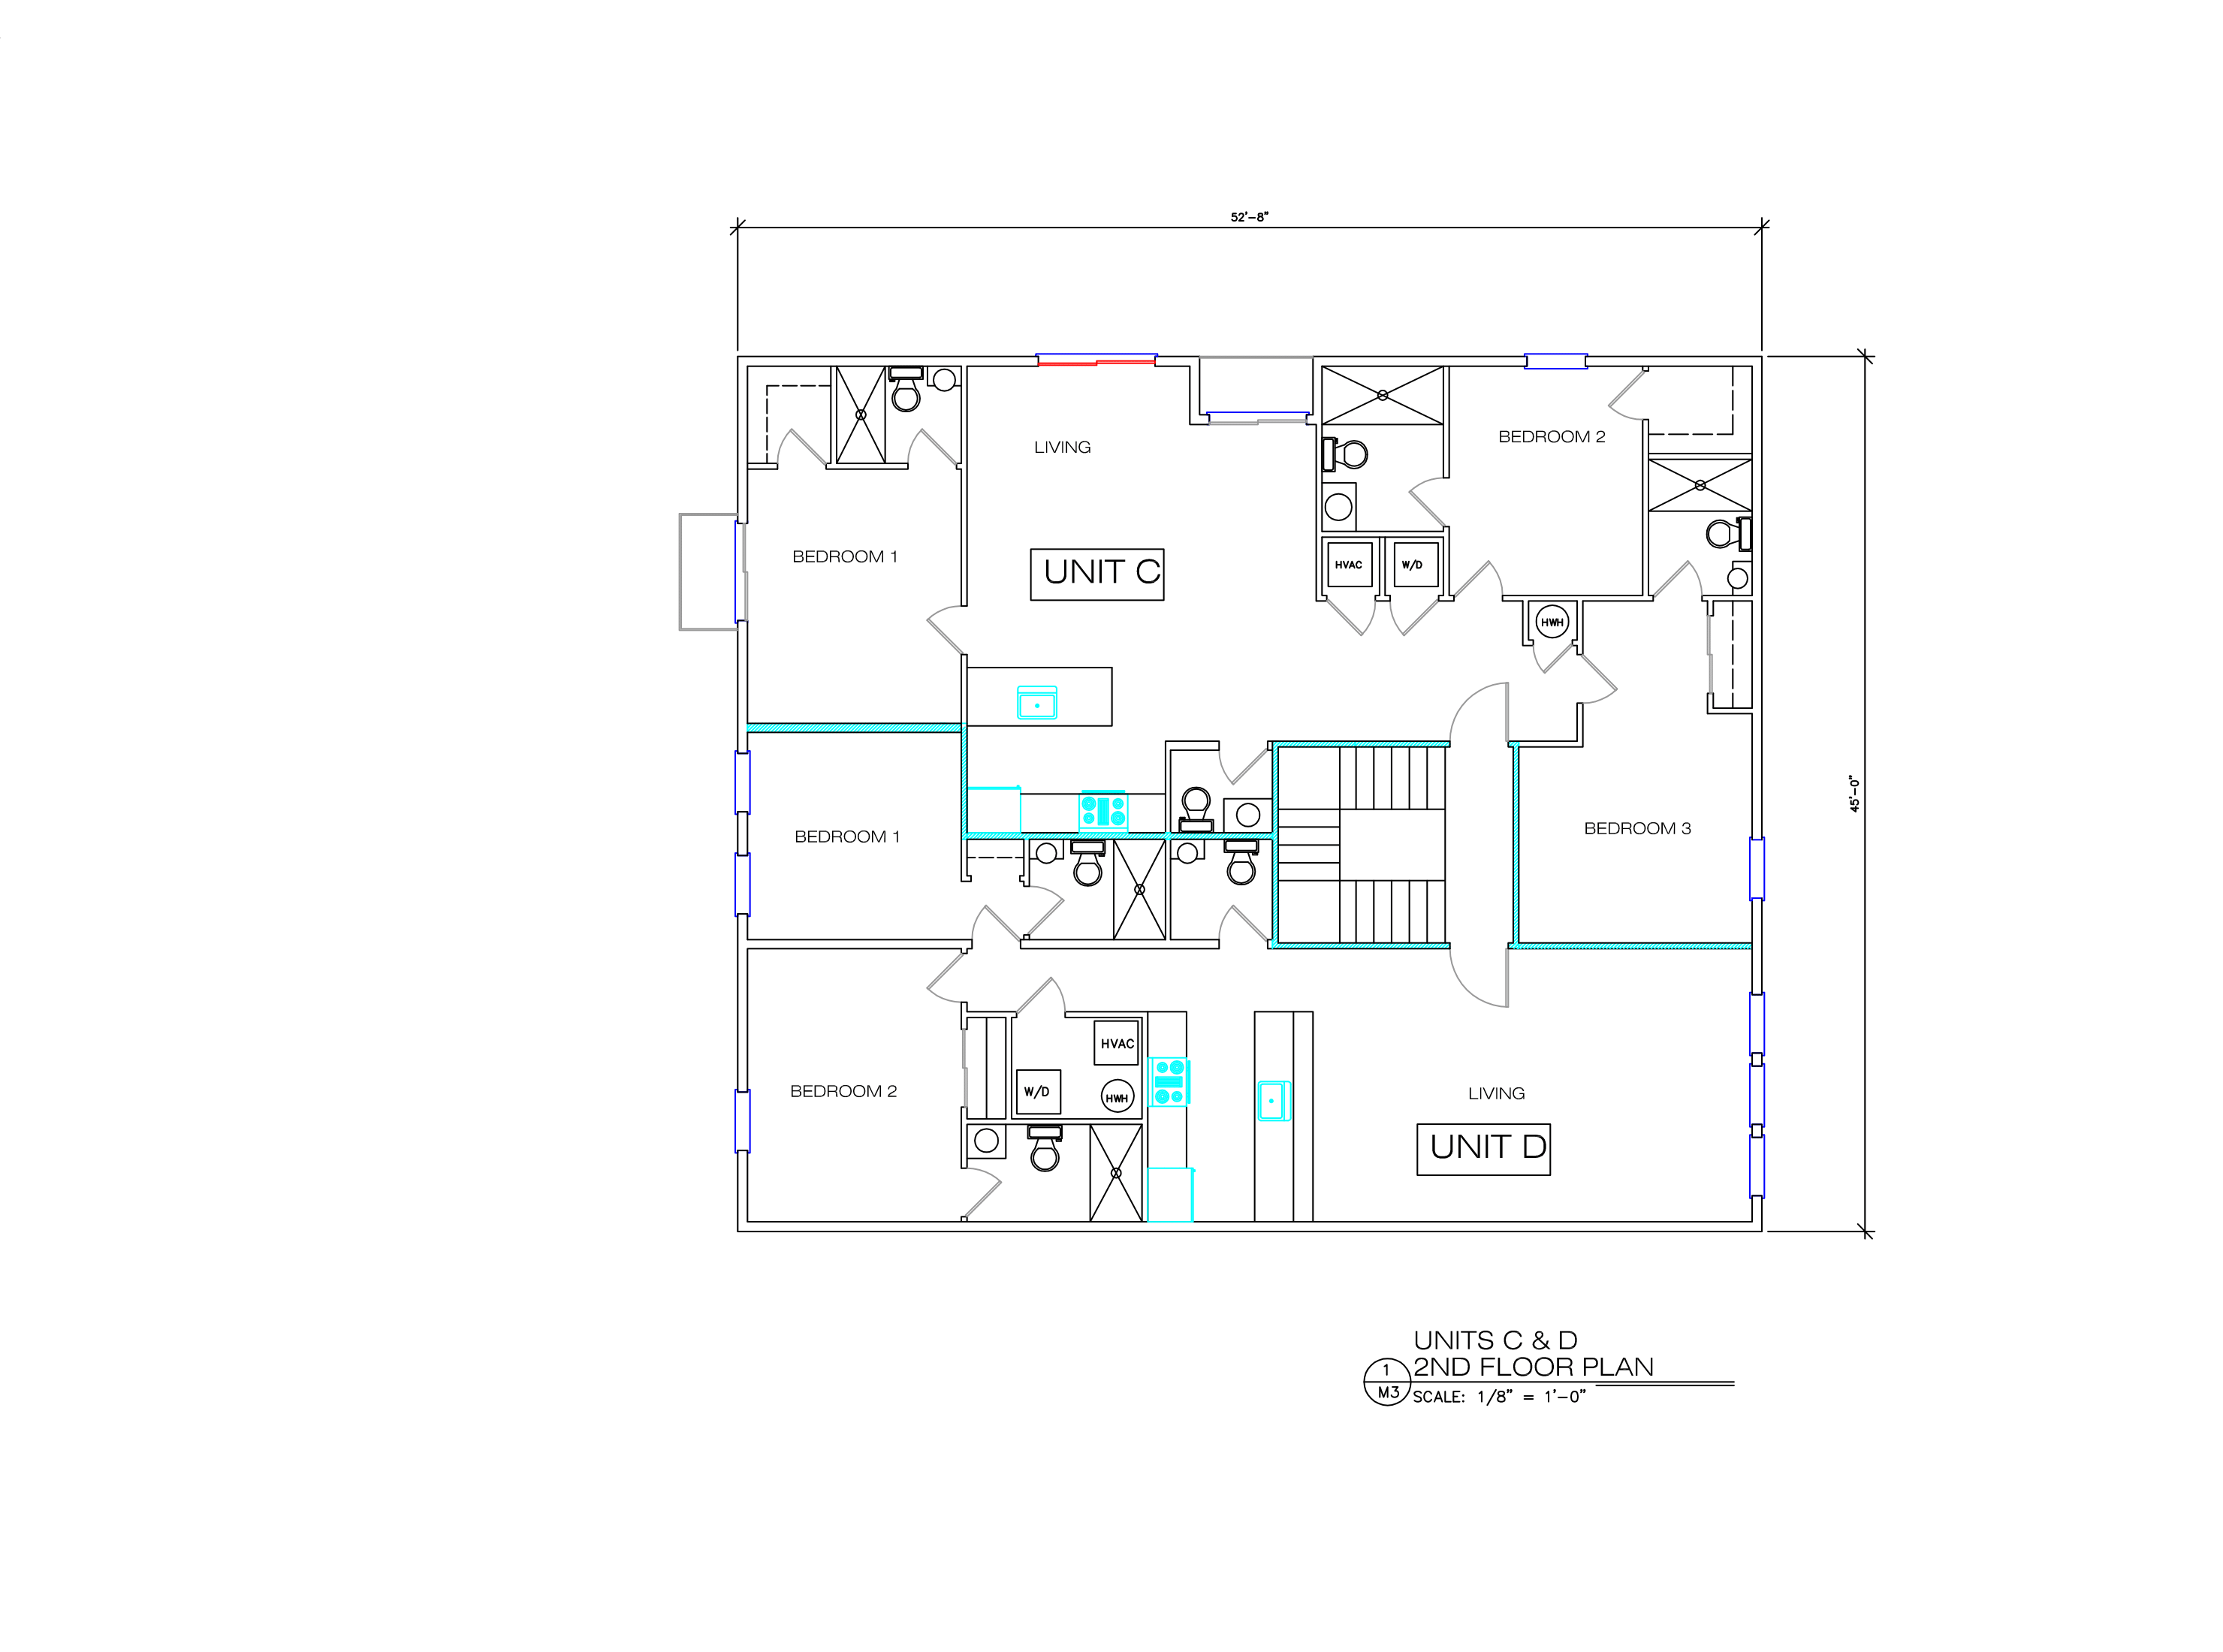 922 n 17th st  M3 (1)-1